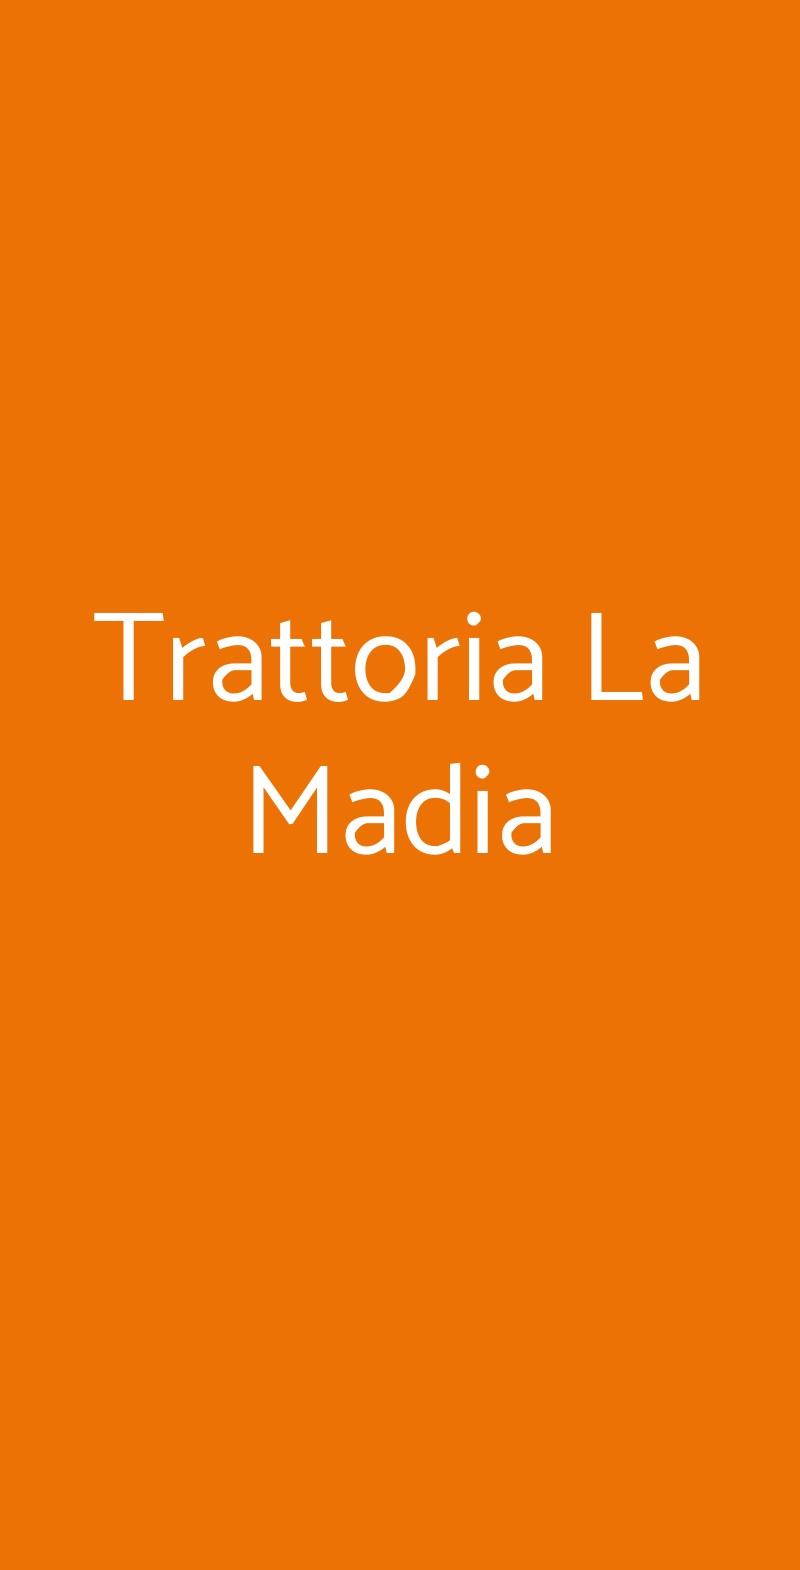 Trattoria La Madia Torino menù 1 pagina